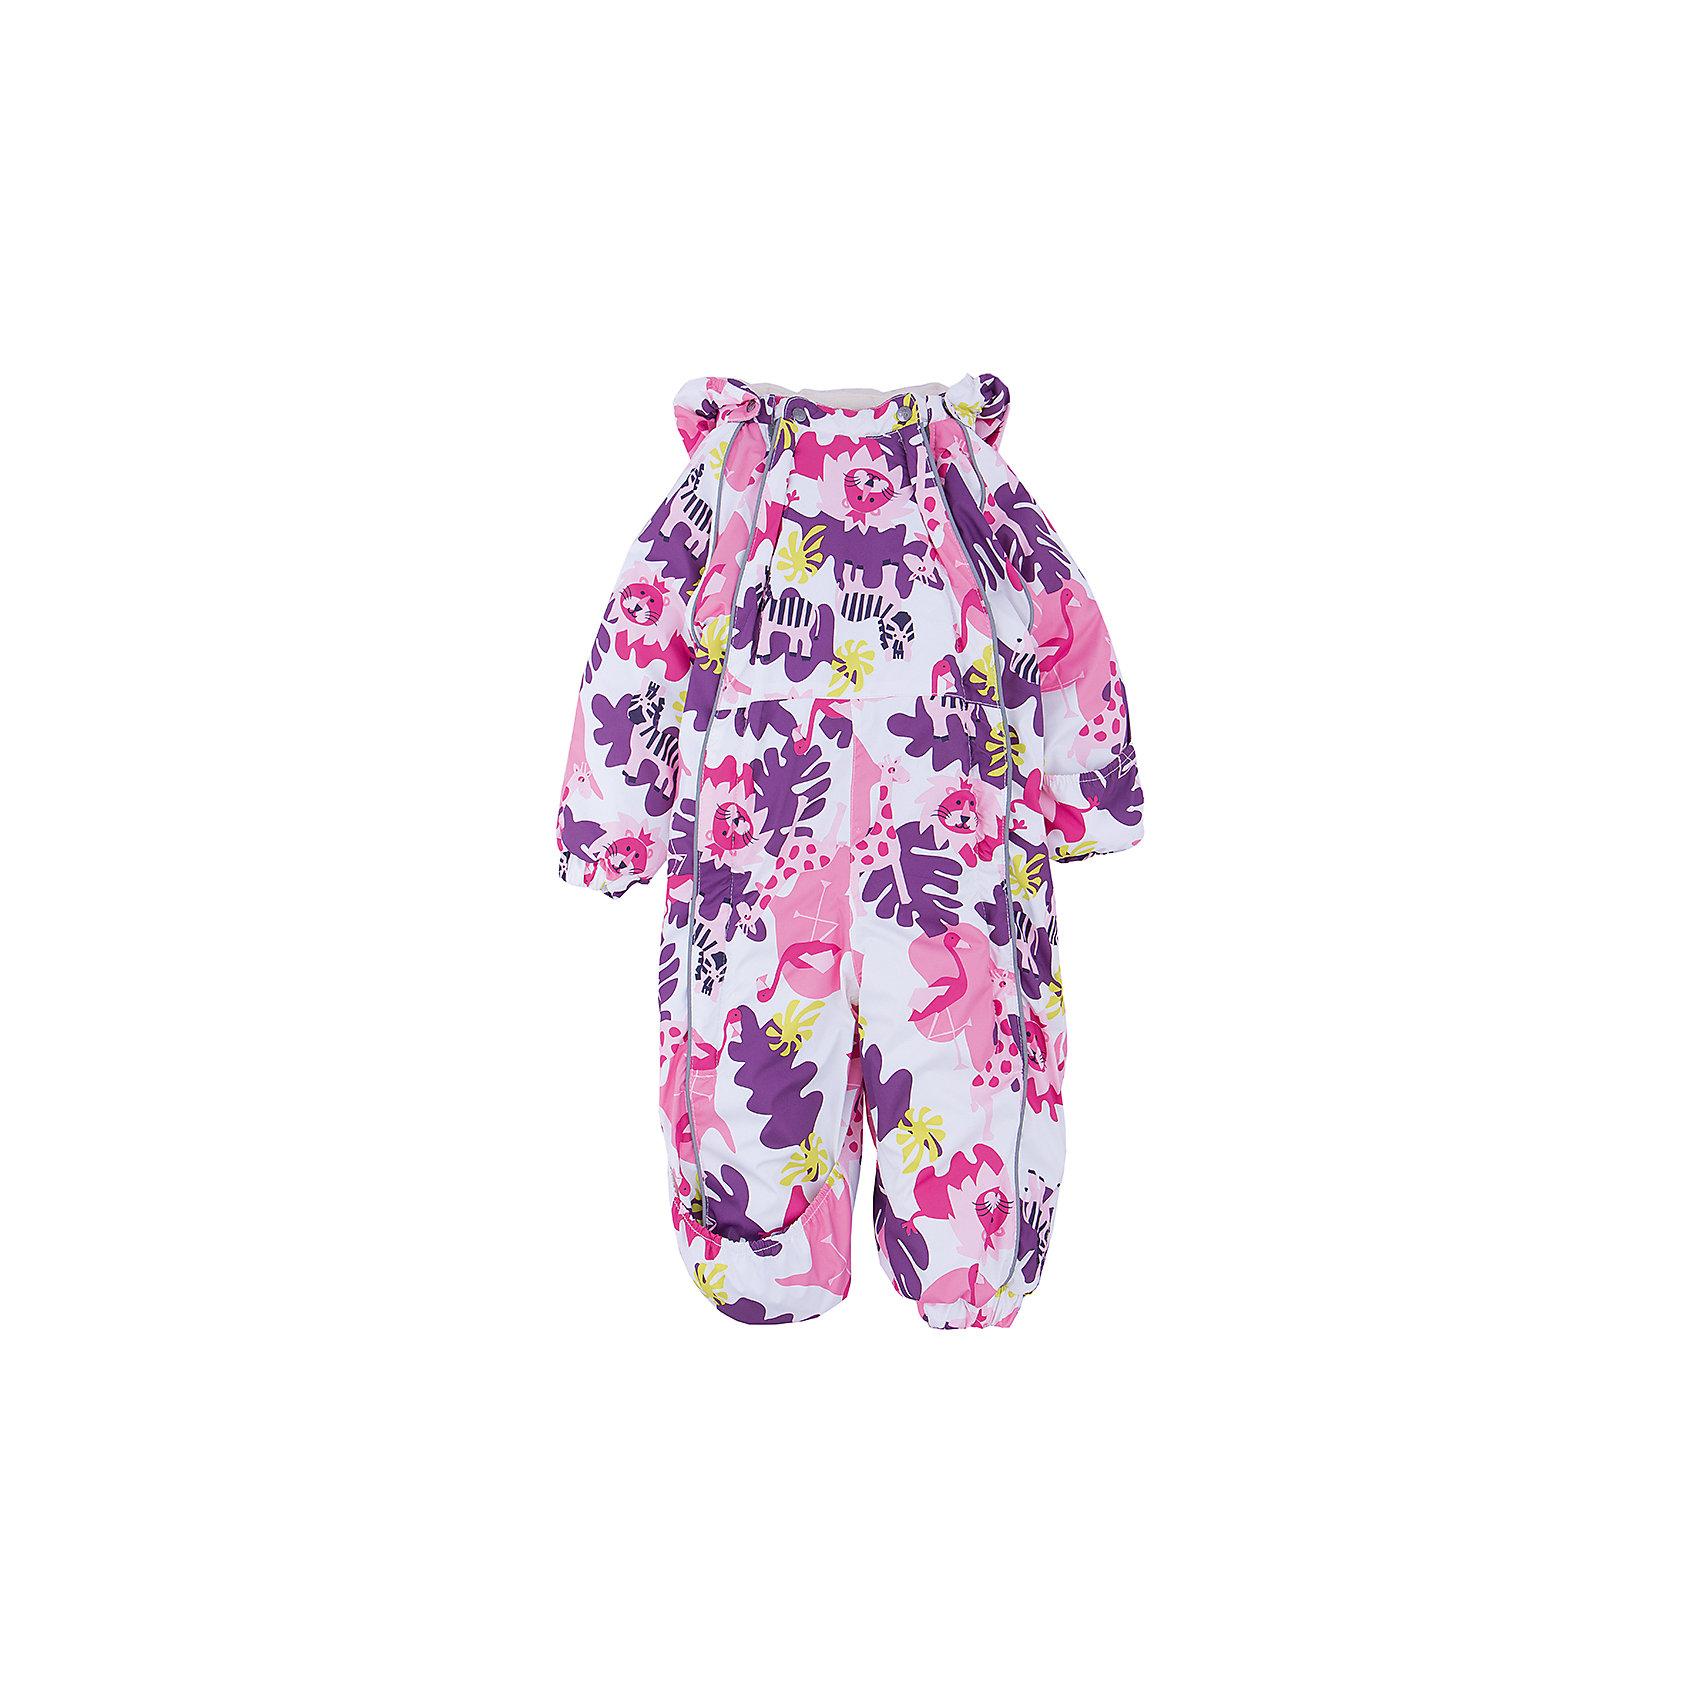 Комбинезон для девочки HuppaВерхняя одежда<br>Зимний комбинезон KEIRA Huppa (Хуппа) с необычной расцветкой изготовлен специально для малышей.<br><br>Утеплитель: 100% полиэстер, 300 гр.<br><br>Температурный режим: до -30 градусов. Степень утепления – высокая. <br><br>* Температурный режим указан приблизительно — необходимо, прежде всего, ориентироваться на ощущения ребенка. Температурный режим работает в случае соблюдения правила многослойности – использования флисовой поддевы и термобелья.<br><br>Мембрана с изнаночной стороны защитит от воды, ветра и выведет лишнюю влагу во избежание перегрева. Утеплитель HuppaTherm быстро восстанавливается и неприхотлив в уходе. Комбинезон имеет резинки на талии и манжетах, благодаря чему вы можете не переживать о том, что снег попадет крохе под одежду. Комбинезон застегивается на две молнии спереди, что особенно удобно для маленьких непосед.<br><br>Особенности:<br>-отстегивающийся капюшон<br>-двойная молния<br>-светоотражающие полоски<br>-манжеты с отворотом у размеров 68-80<br><br>Дополнительная информация:<br>Материал: 100% полиэстер<br>Подкладка: фланель - 100% хлопок<br>Цвет: лиловый/фуксия<br><br>Вы можете приобрести комбинезон KEIRA Huppa (Хуппа) в нашем интернет-магазине.<br><br>Ширина мм: 356<br>Глубина мм: 10<br>Высота мм: 245<br>Вес г: 519<br>Цвет: белый<br>Возраст от месяцев: 18<br>Возраст до месяцев: 24<br>Пол: Женский<br>Возраст: Детский<br>Размер: 92,98,86,68,74,80<br>SKU: 4928491